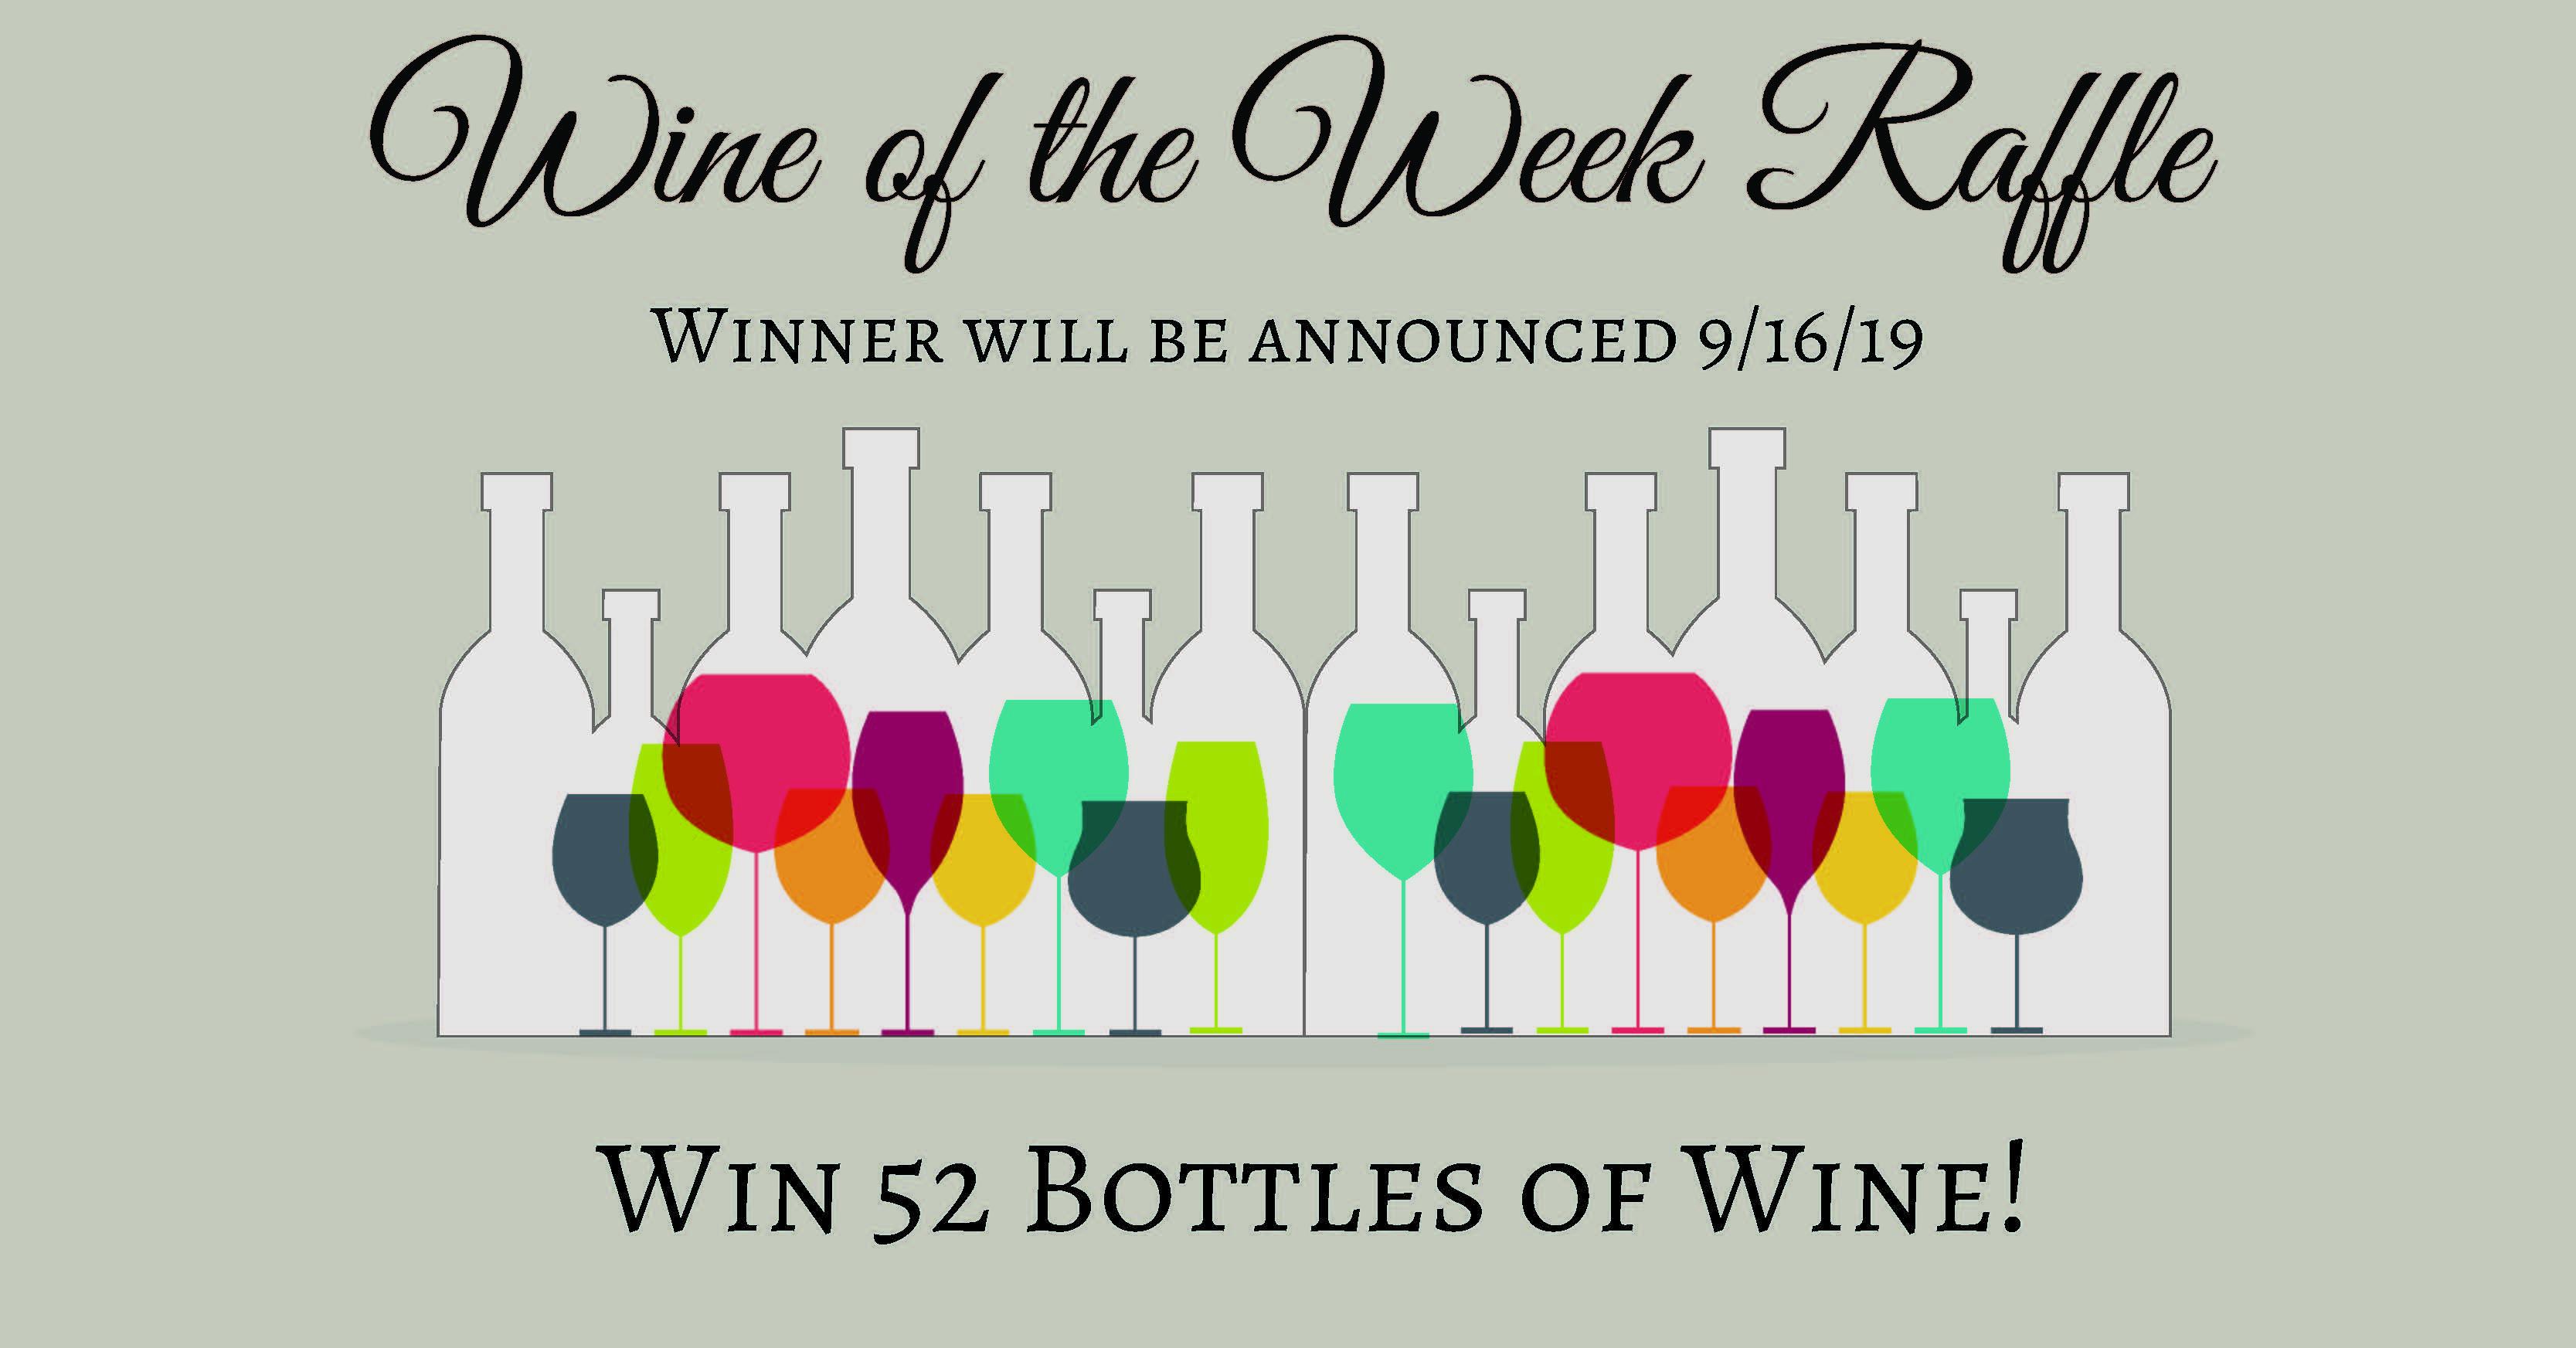 wine-of-the-week-slider